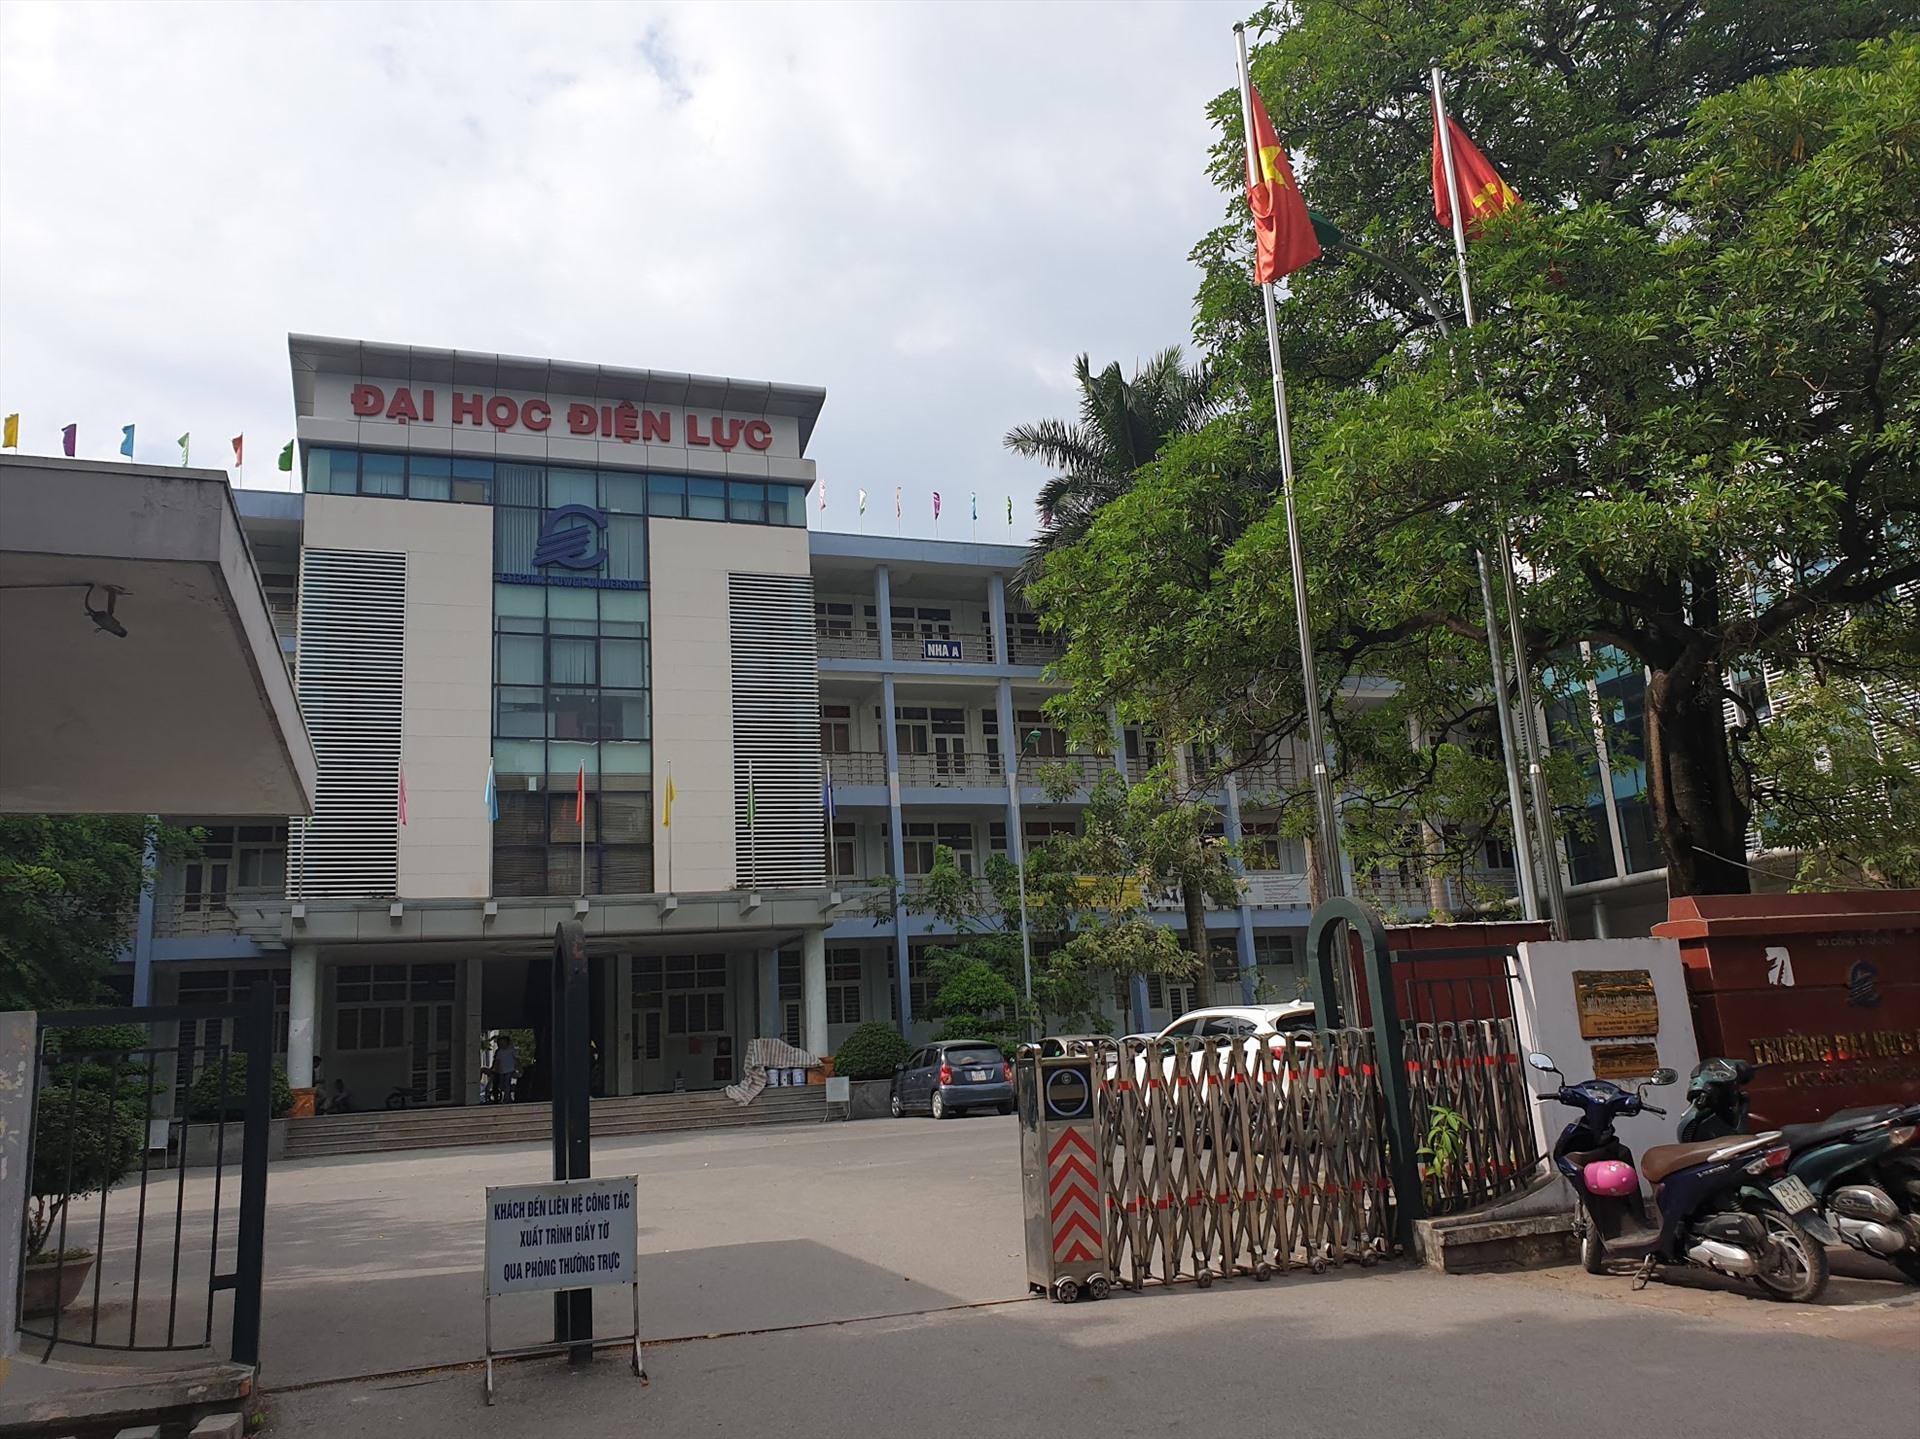 Bộ Công Thương vừa có kết luận thanh tra chỉ ra hàng loạt sai phạm tại Trường Đại học Điện lực. (Ảnh qua laodong)